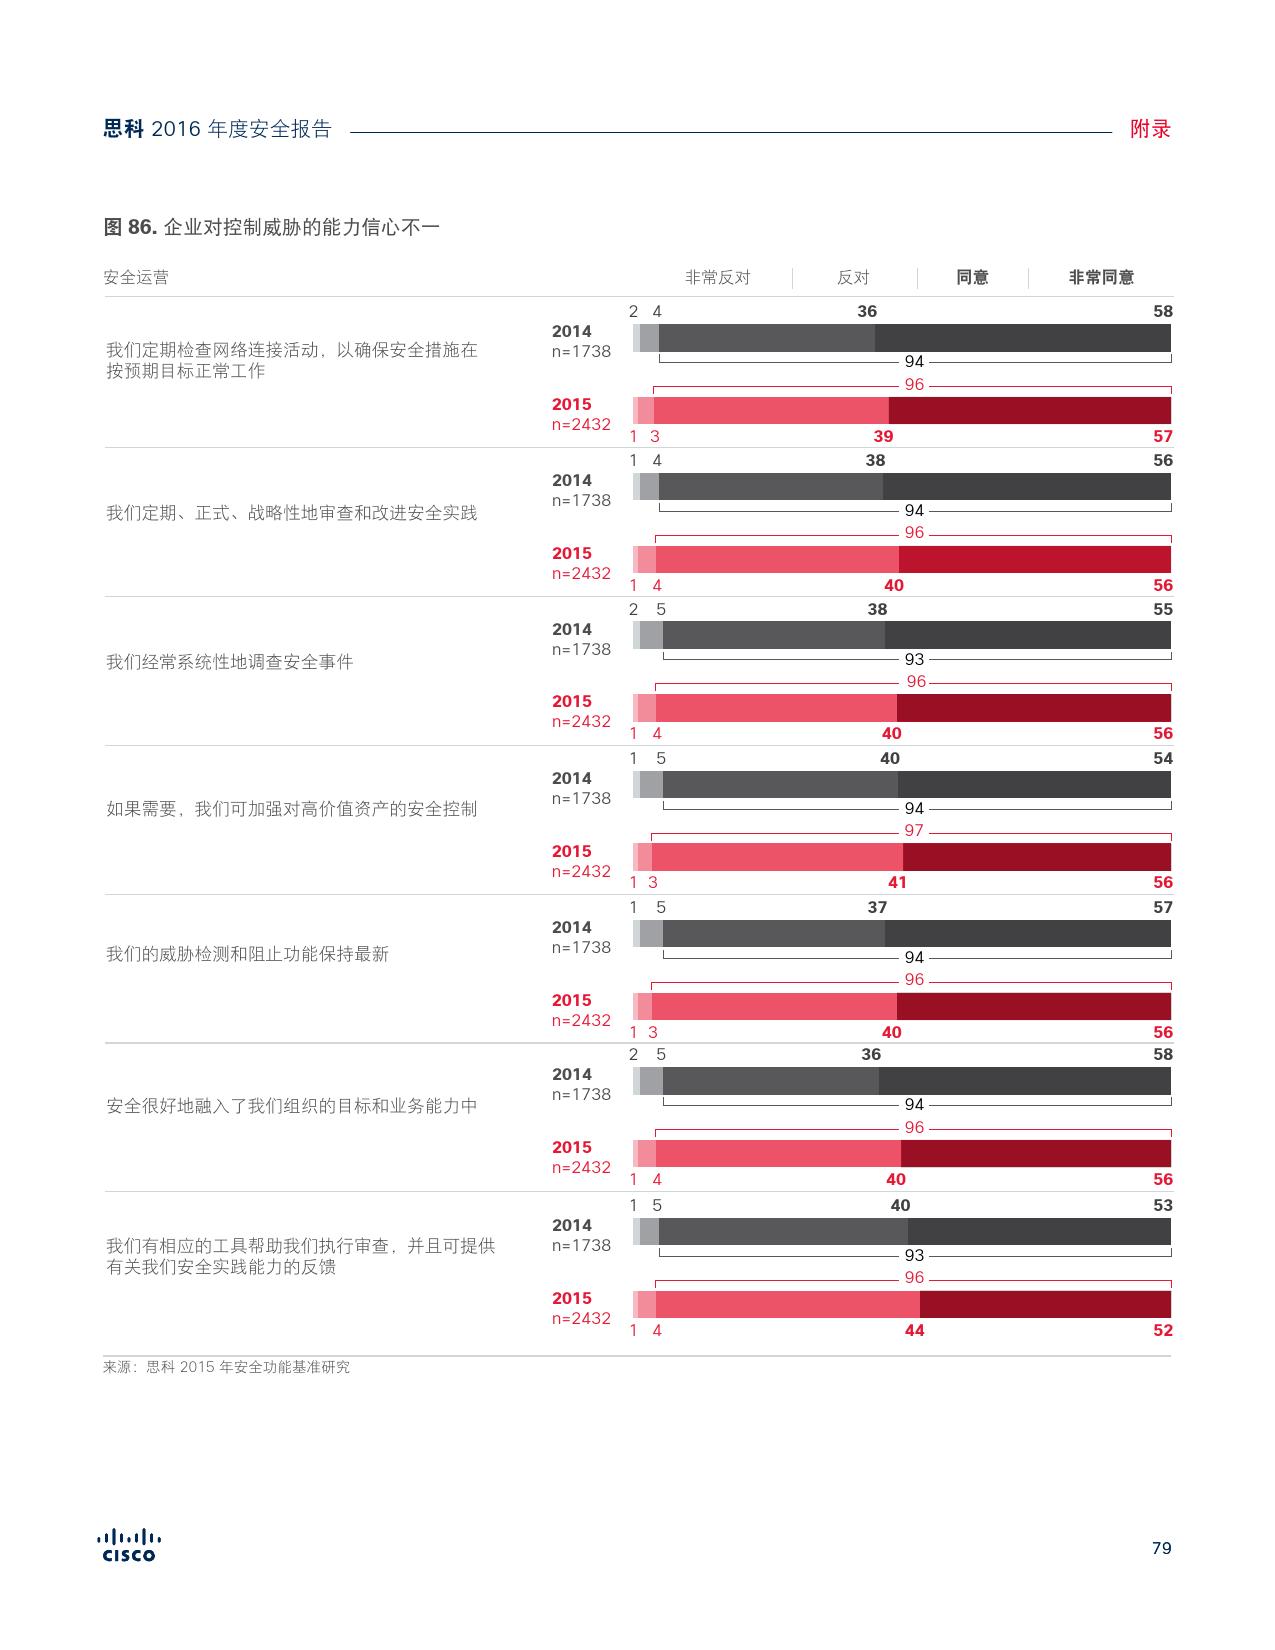 2016年中网络安全报告_000079